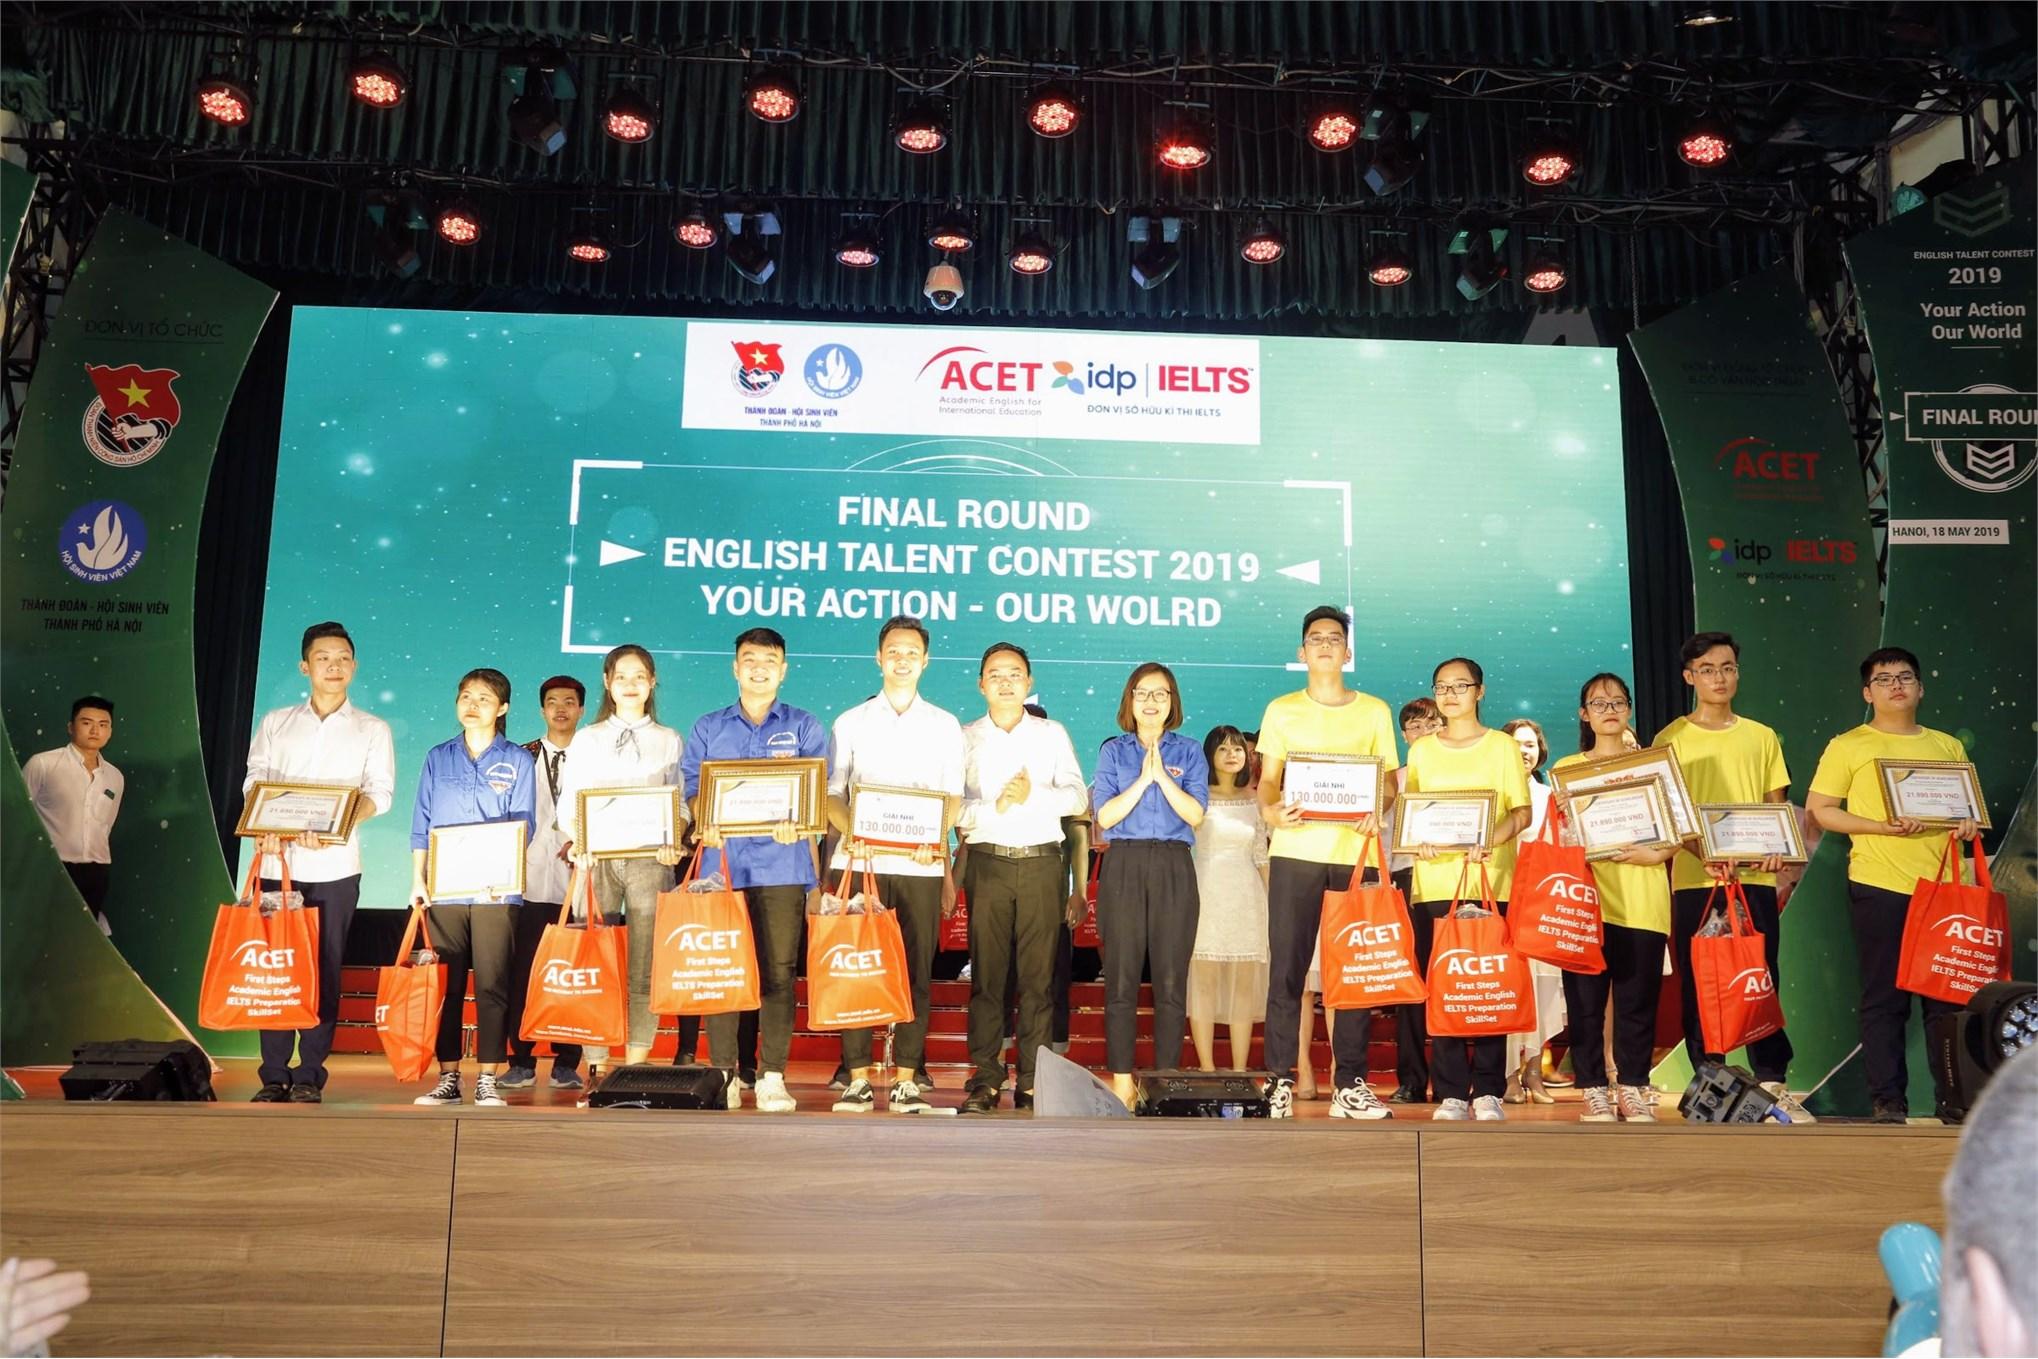 Ban tổ chức trao giải nhì cho Đại học Công nghiệp Hà Nội (bên trái) đối với khối trường Đại học/ Cao đẳng và THPT Ngọc Hồi (bên phải) đối với khối THPT